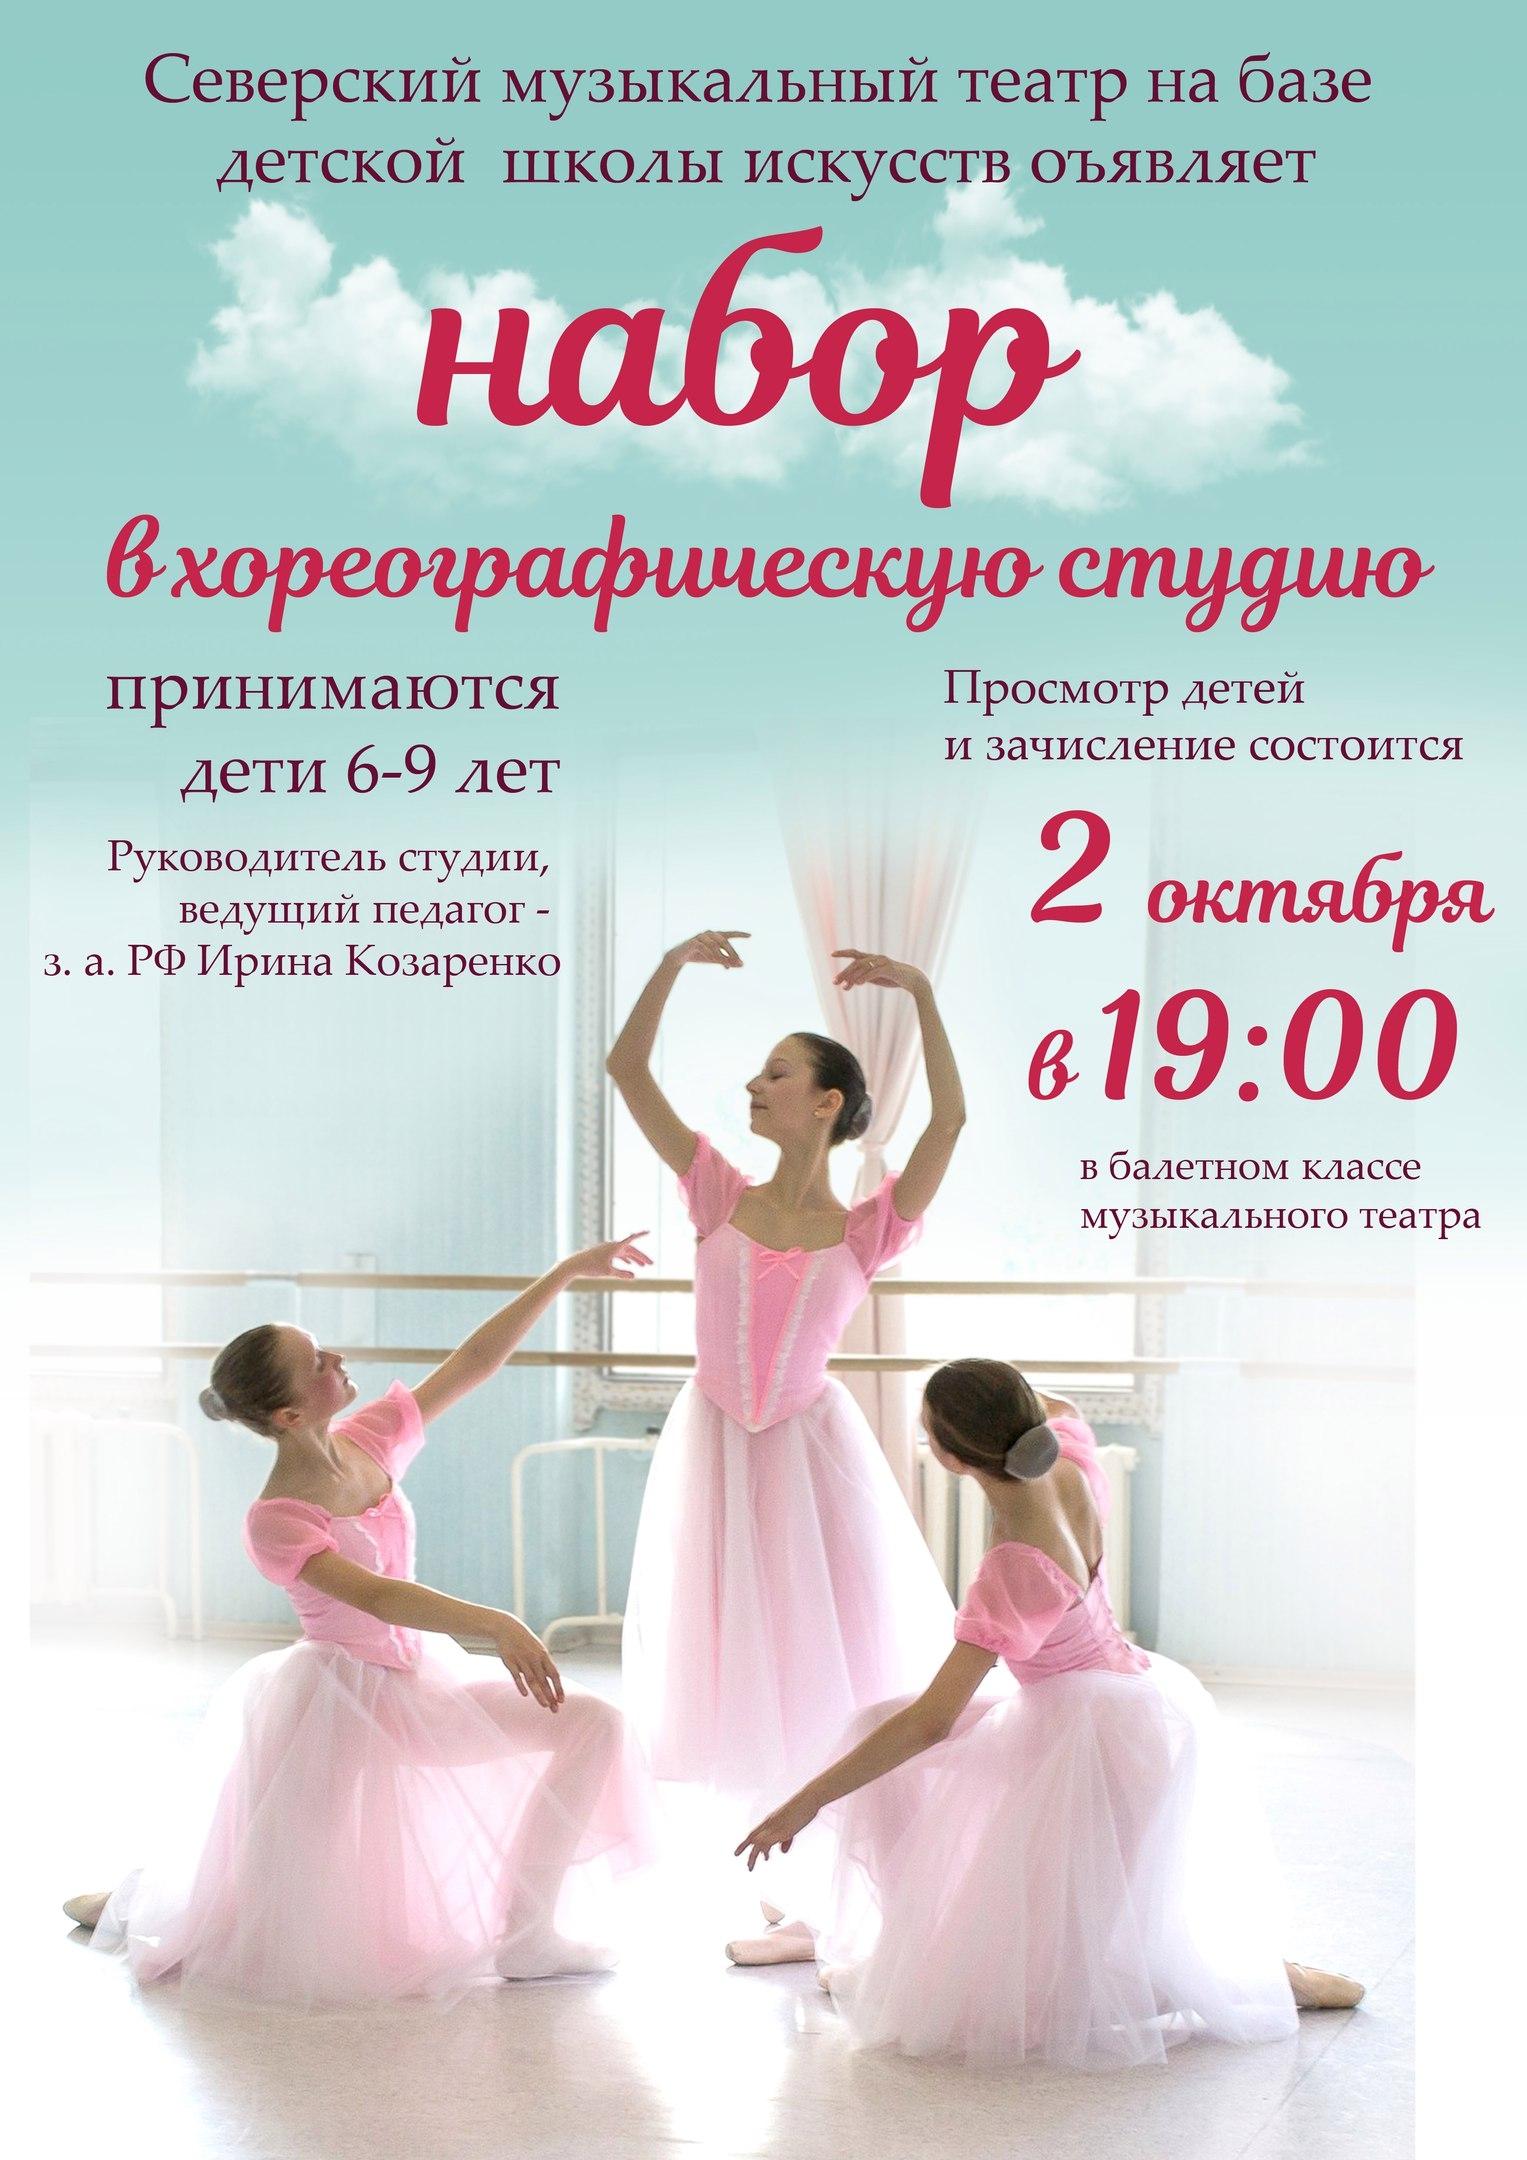 Для будущих балерин